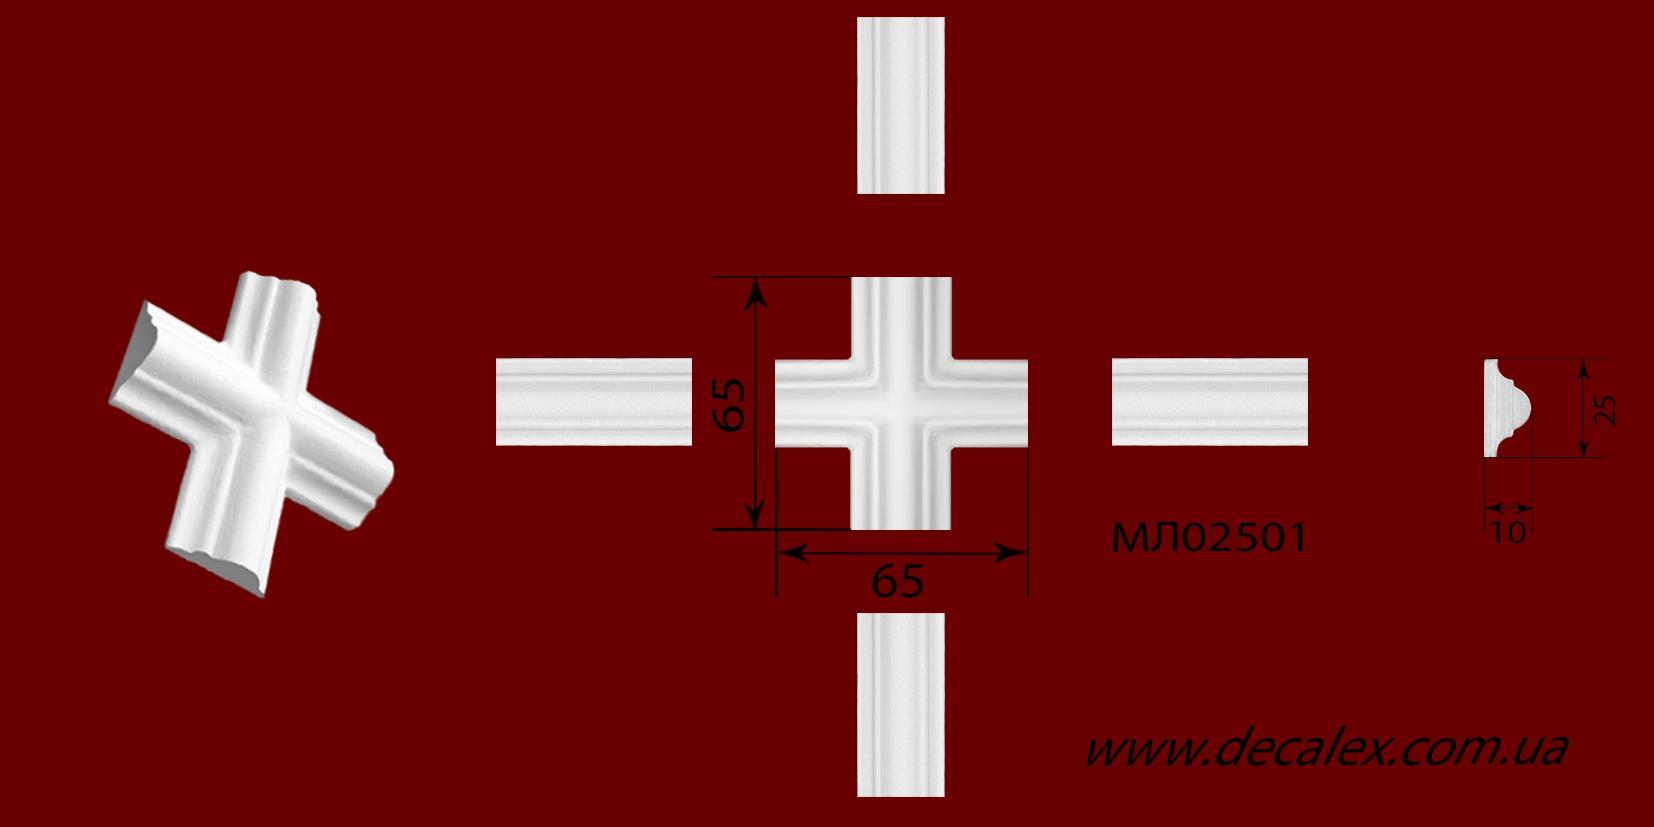 Код товара ГЛ02501-2. Угловой элемент из гипса шириной 65 мм.,высотой 65 мм. стыкуется с МЛ02501. Розничная цена 35 грн./шт.